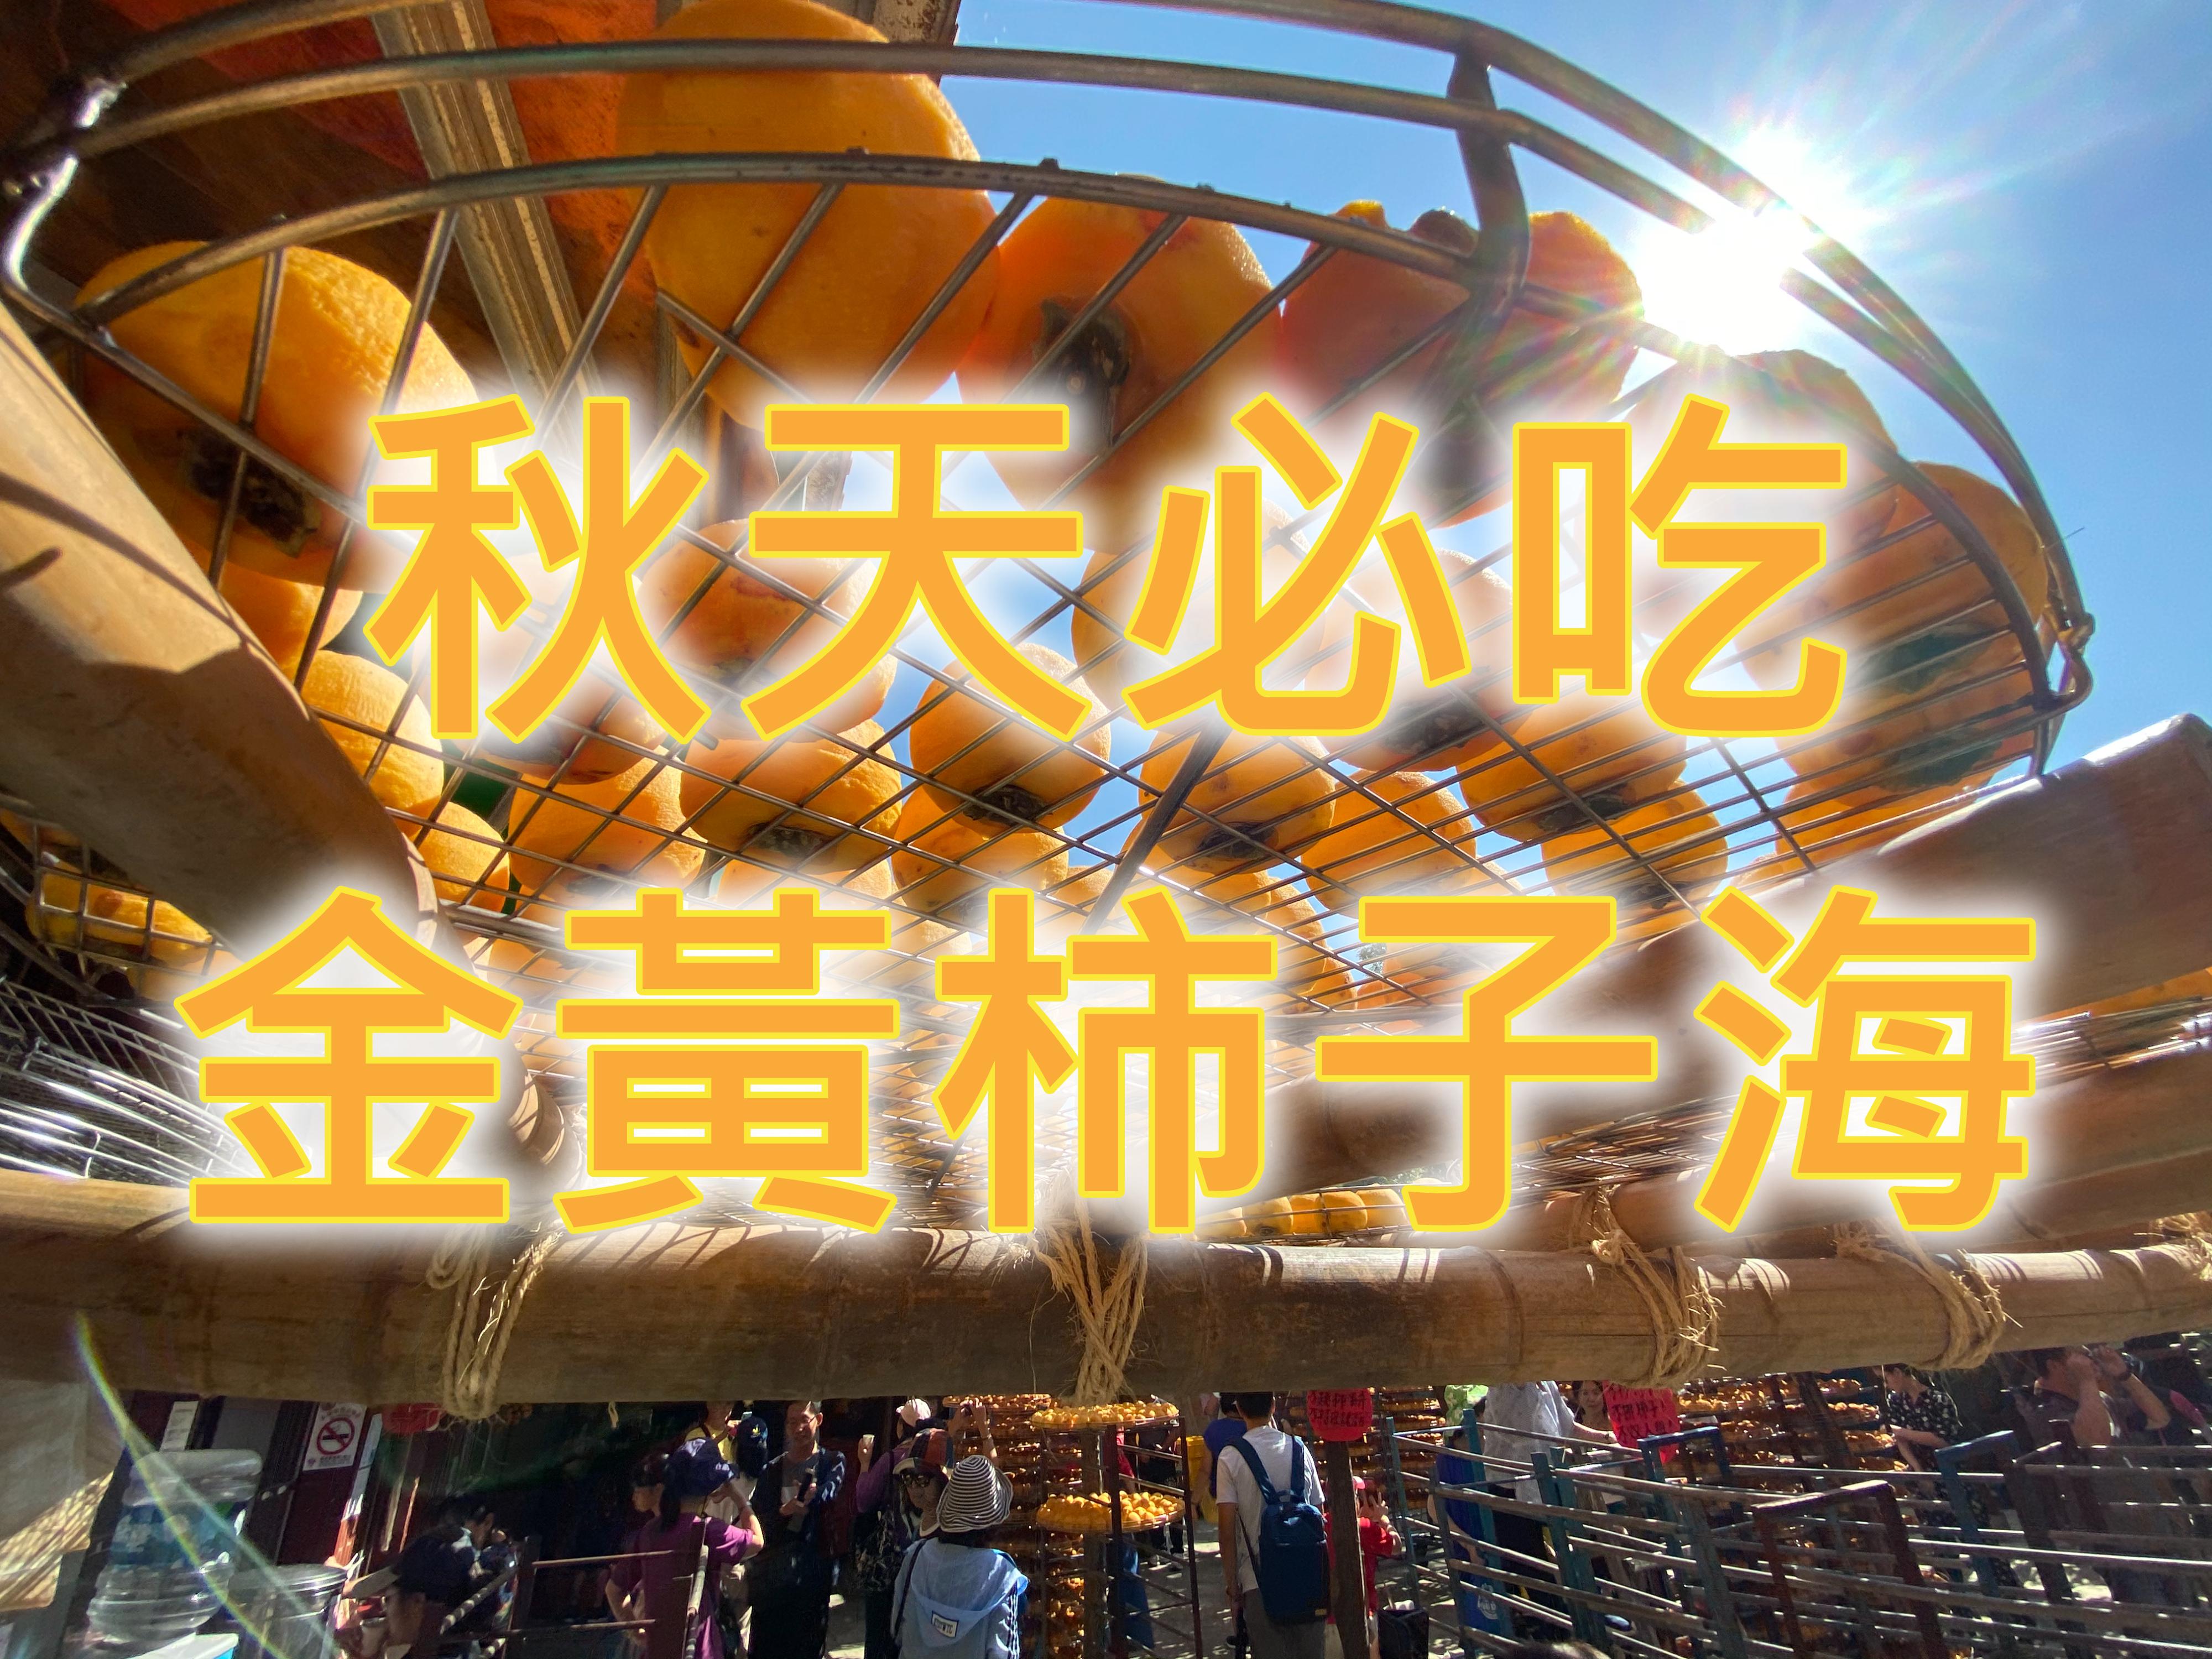 🧡【美食之秋】海柿山盟來吃餅 新竹柿餅米粉一日遊(HSH06)